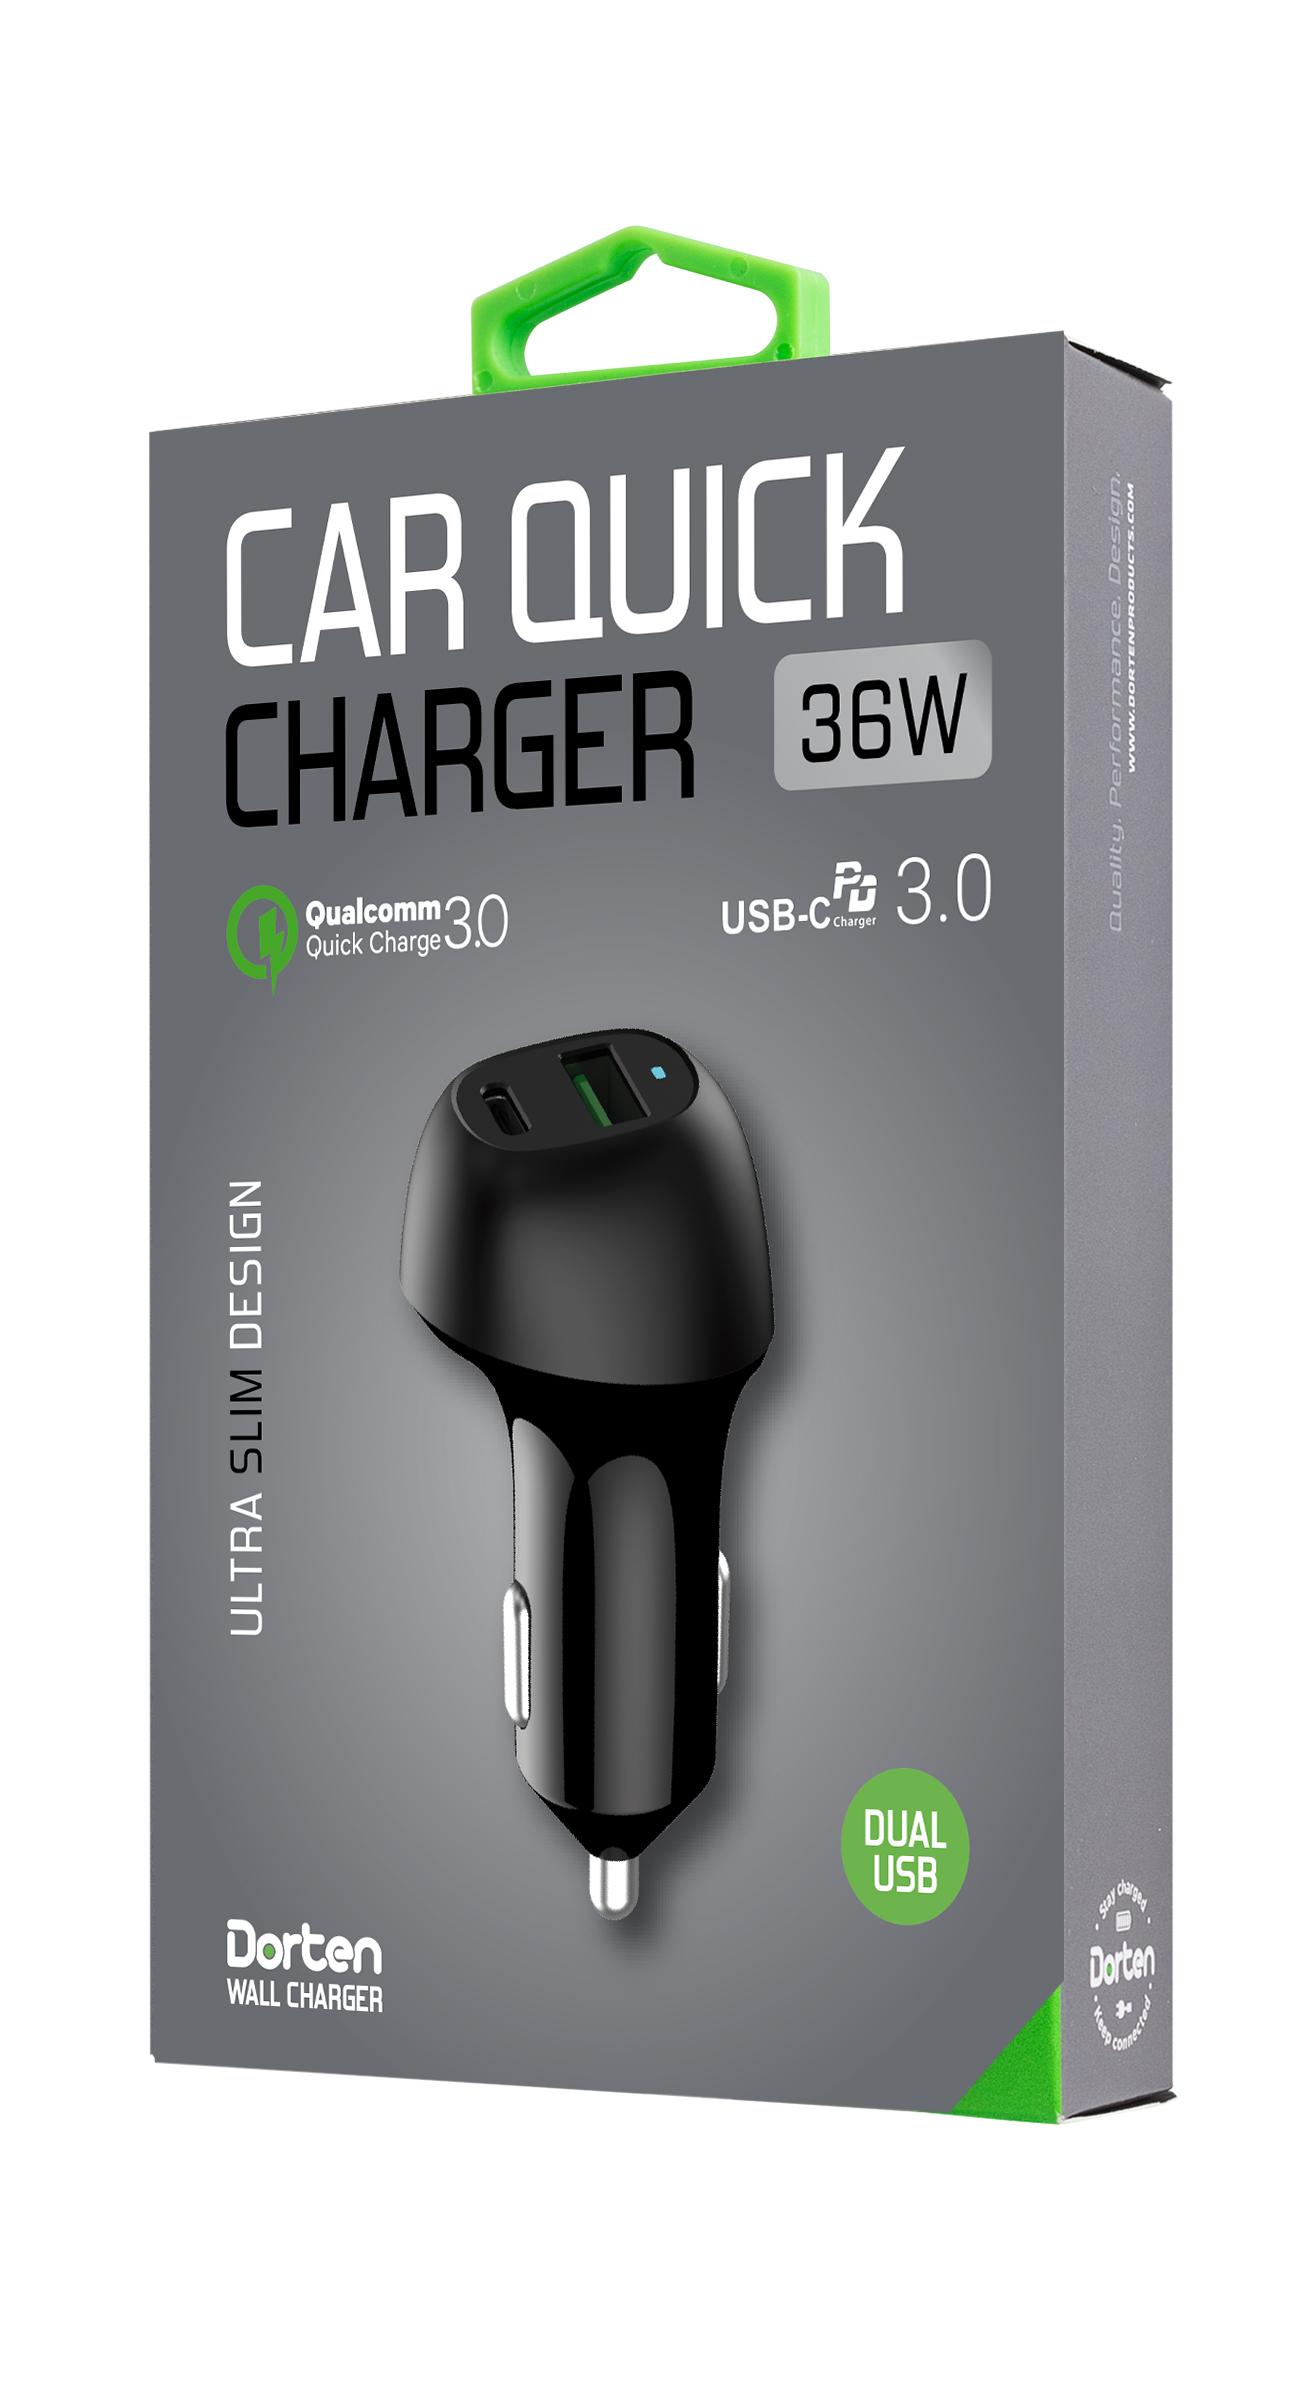 Автомобильное зарядное устройство DORTEN Dual USB 36W Car Quick Charger QC 3.0 + PD3.0, черный автомобильное зарядное устройство tronsmart c2pte 30w 6a 1 usb с разъемом usb с qualcomm quick charge 3 0 черный